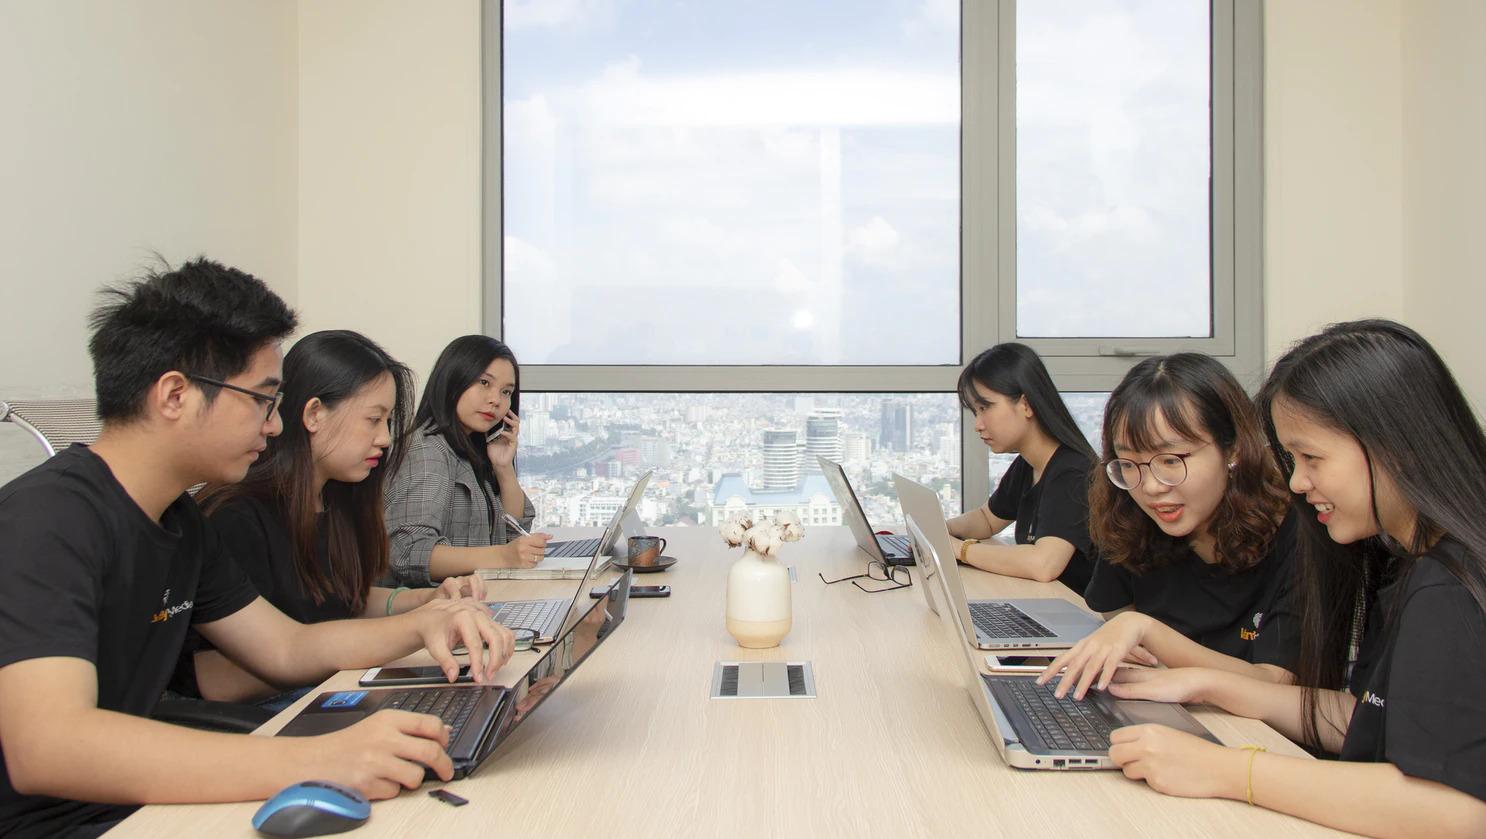 Đội ngũ ERA Content Marketing thường xuyên họp bàn ý tưởng để mang đến sản phẩm chất lượng